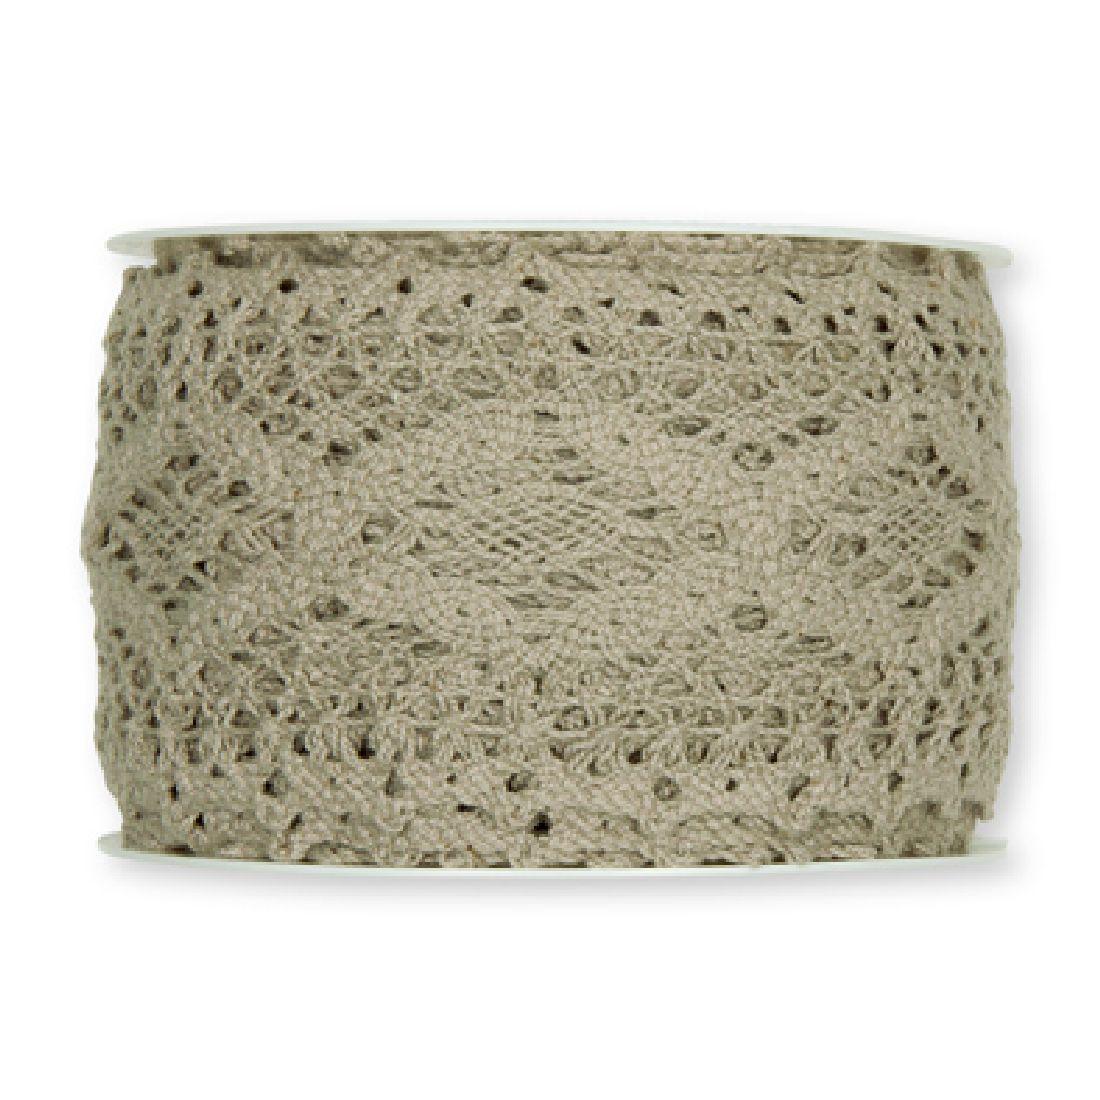 Häkelspitze schlamm-leinen73 aus Baumwolle Breite: 60 mm 2196